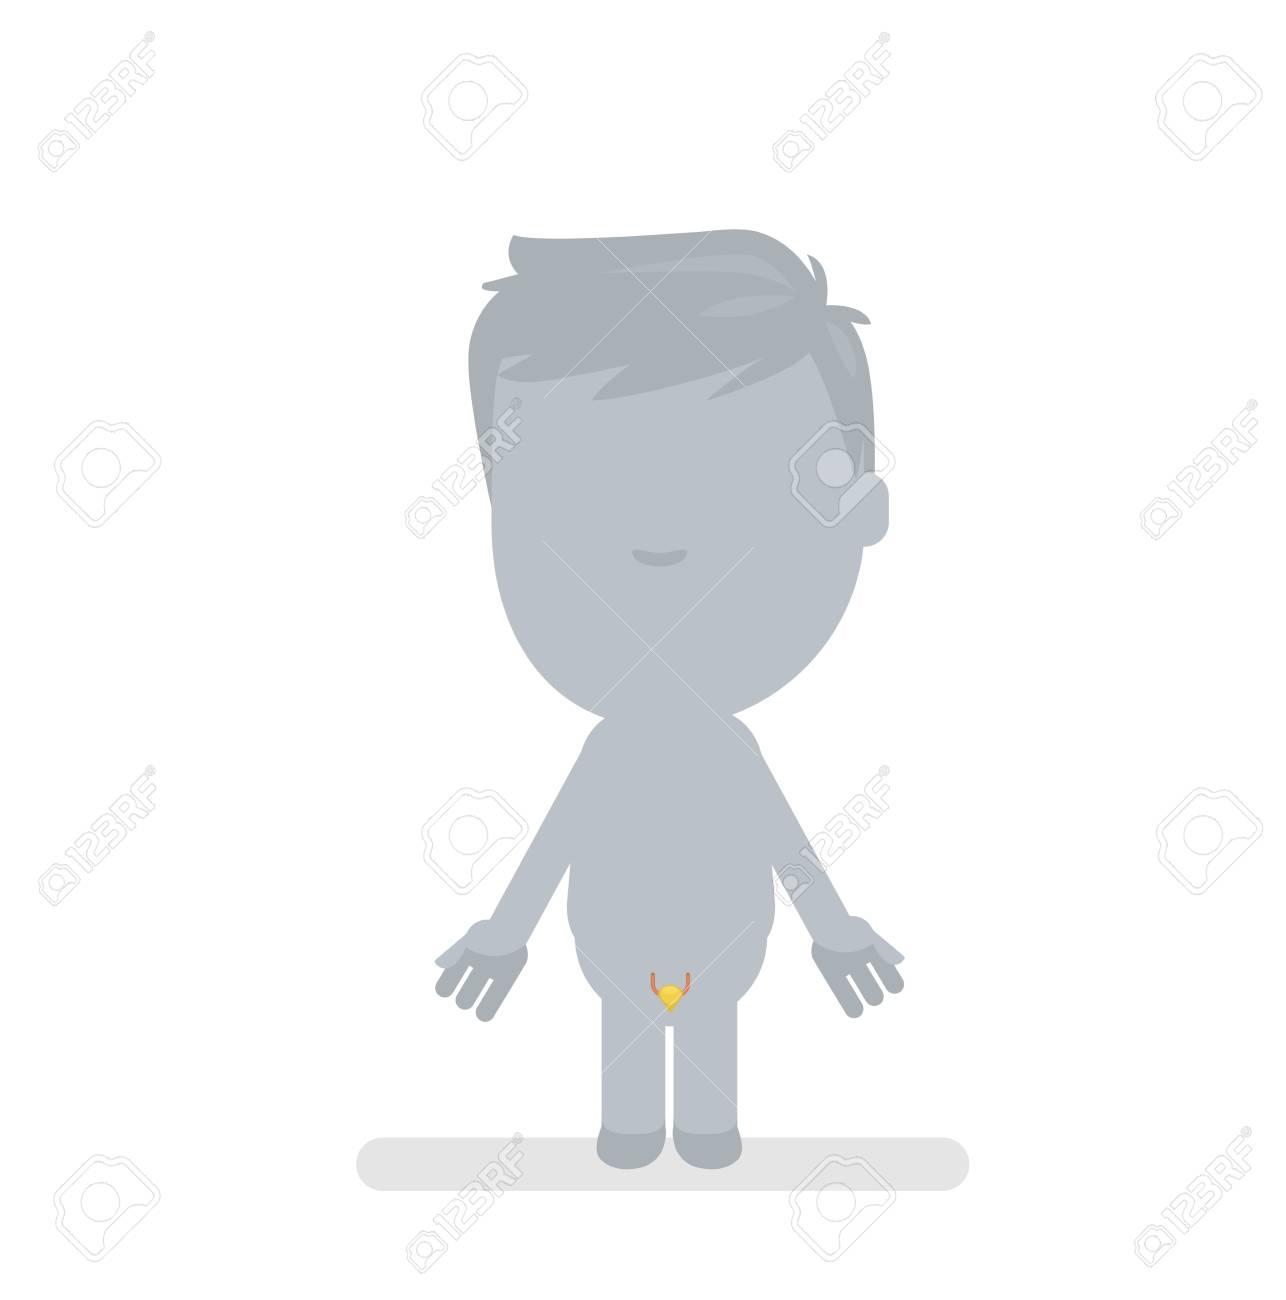 Menschlichen Körper Anatomie Vektor-Illustration Lizenzfrei Nutzbare ...